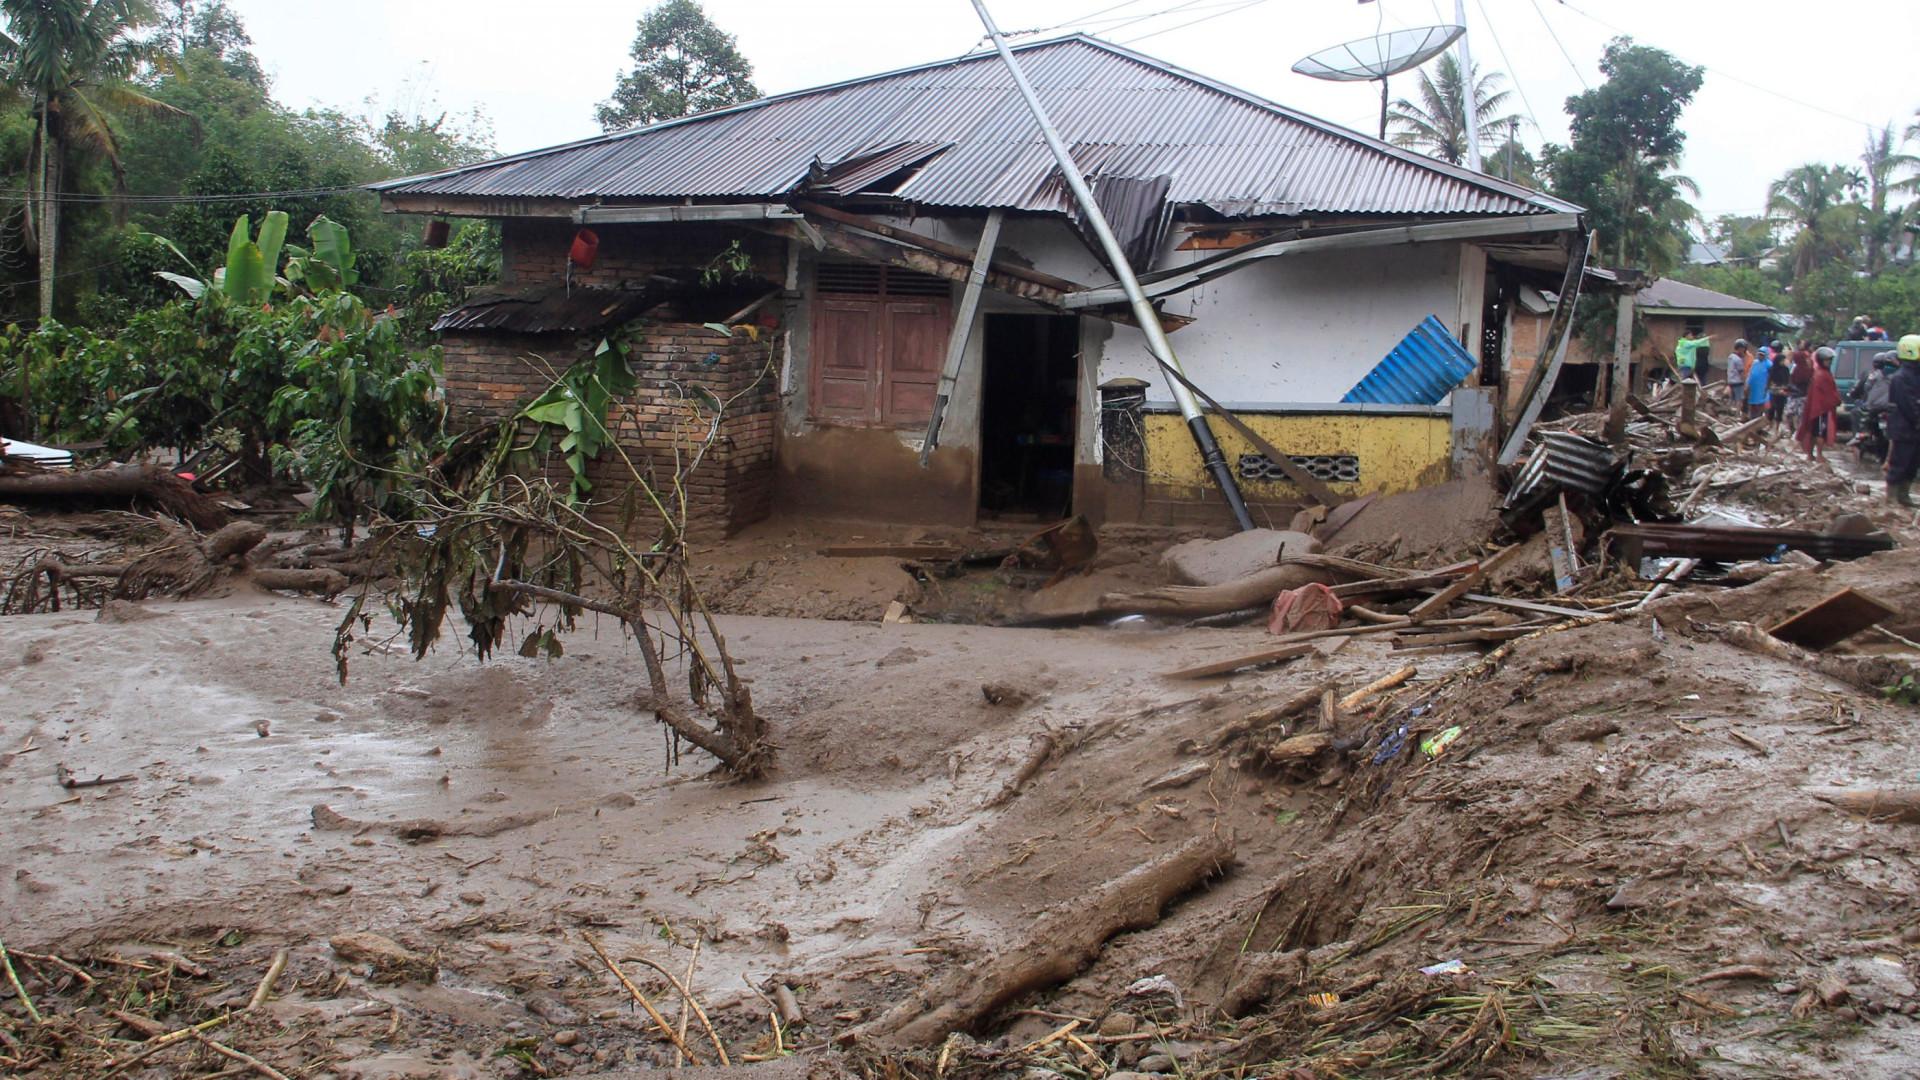 Cheias e deslizamentos de terra causam pelo menos 27 mortos na Indonésia